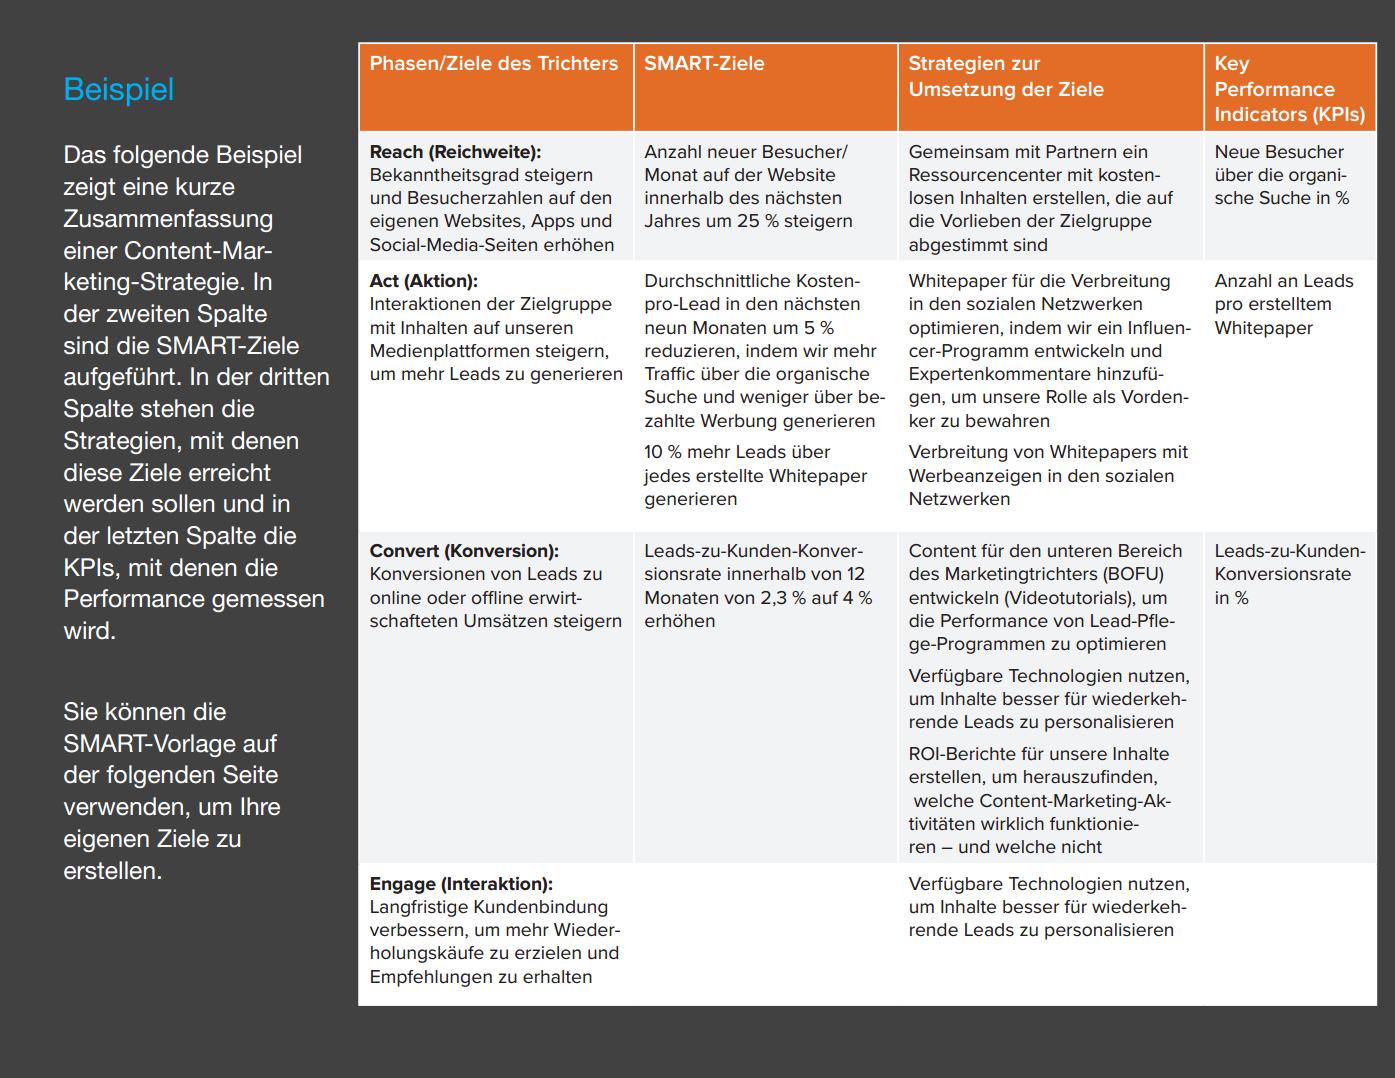 Vorlagen zur Content-Planung   HubSpot & Smart Insights